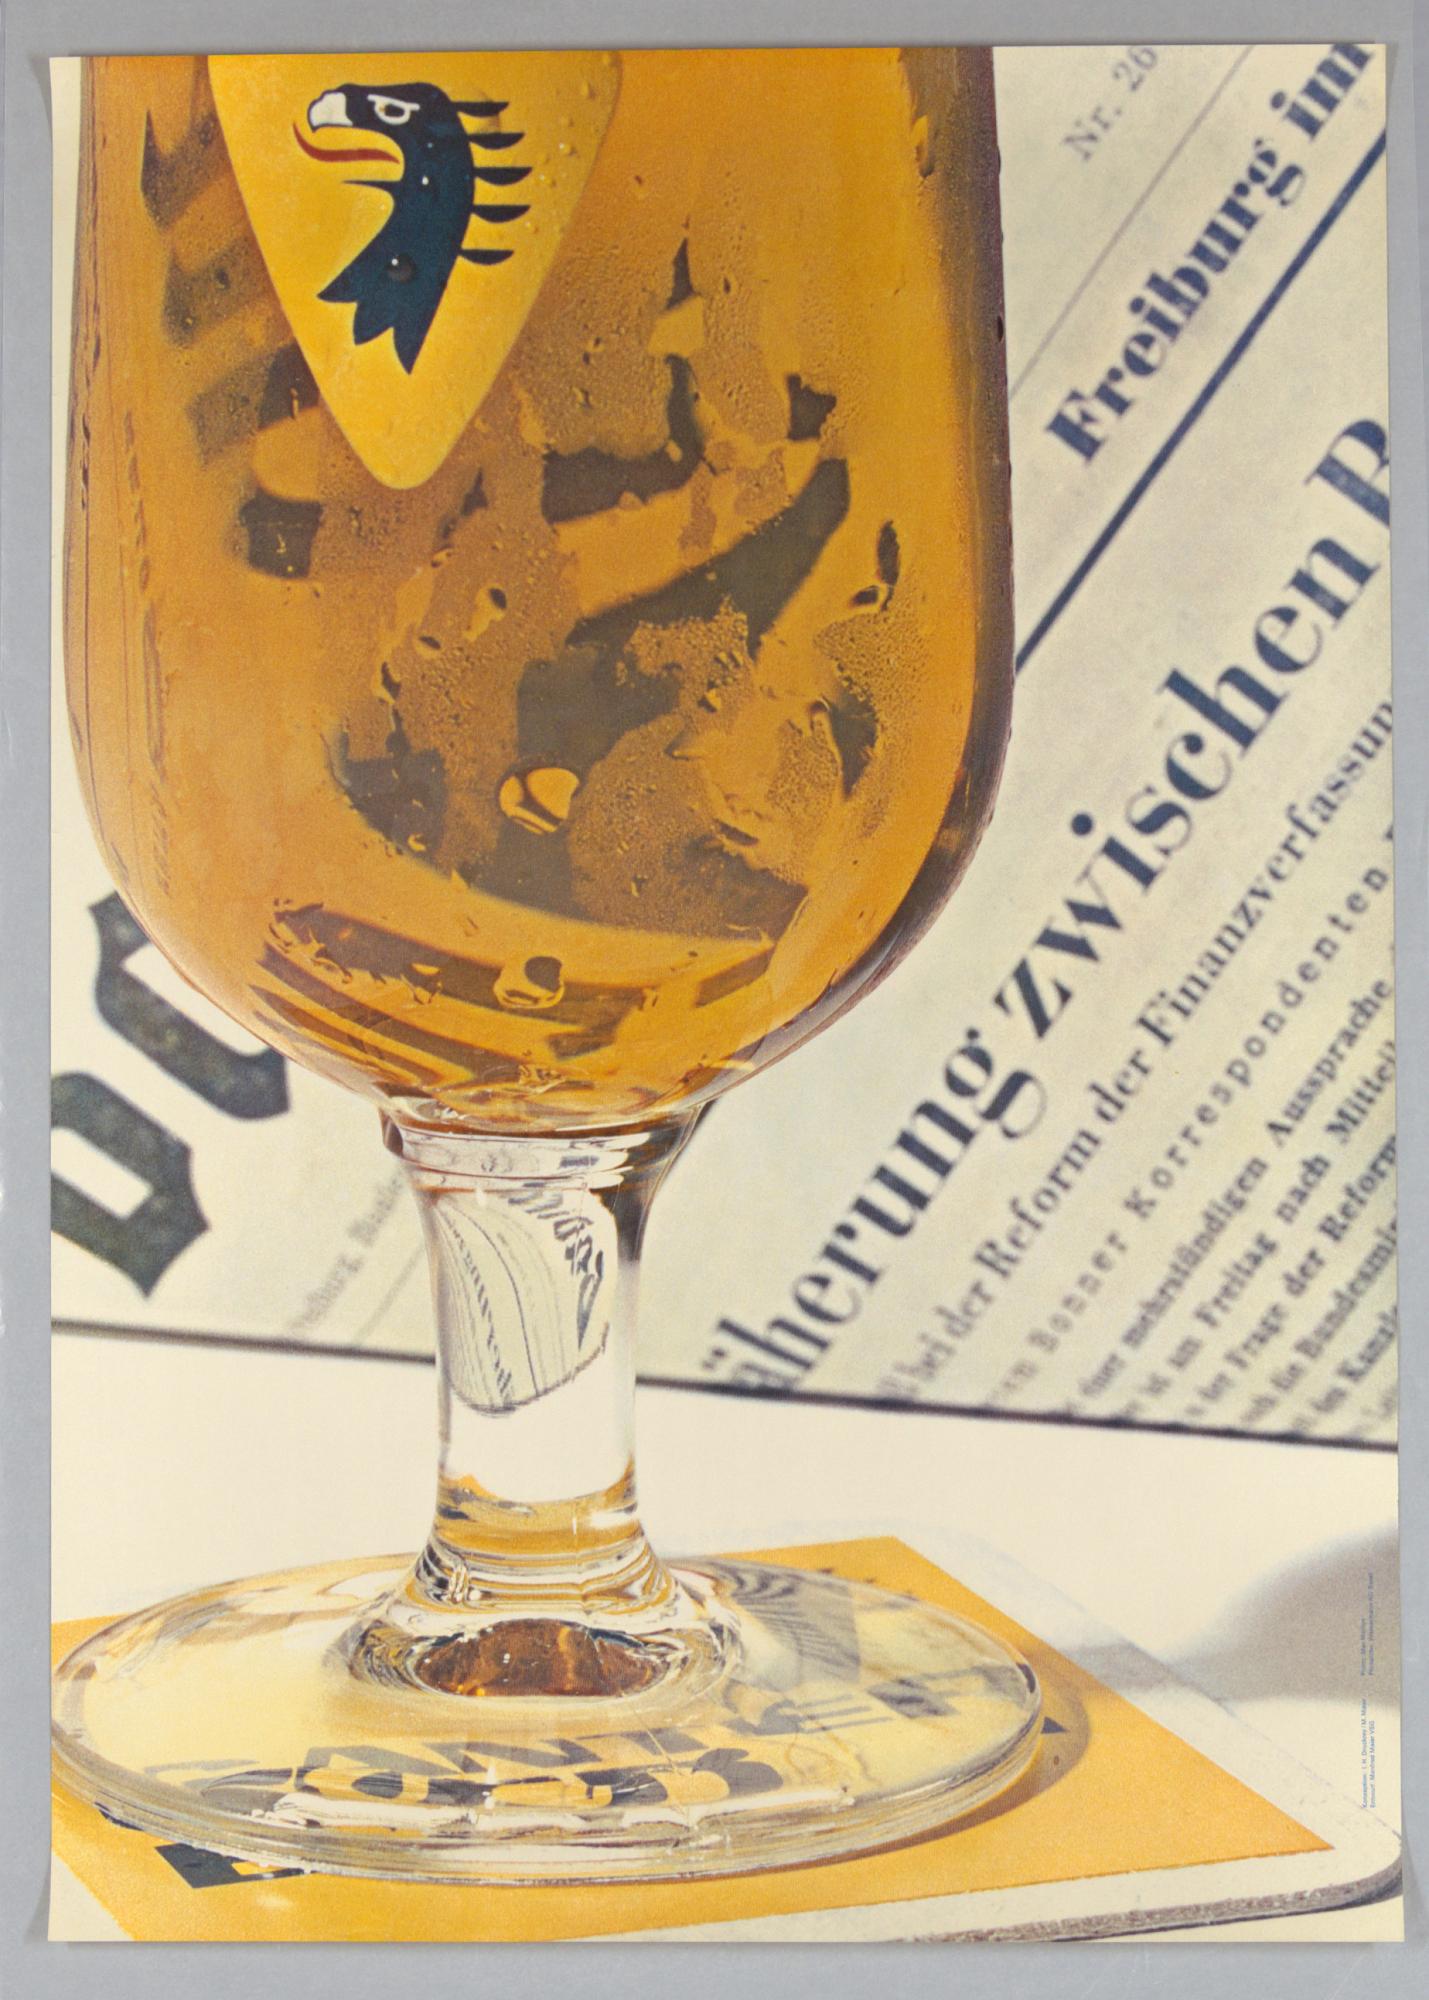 images for Ganter Bier Ganter Beer